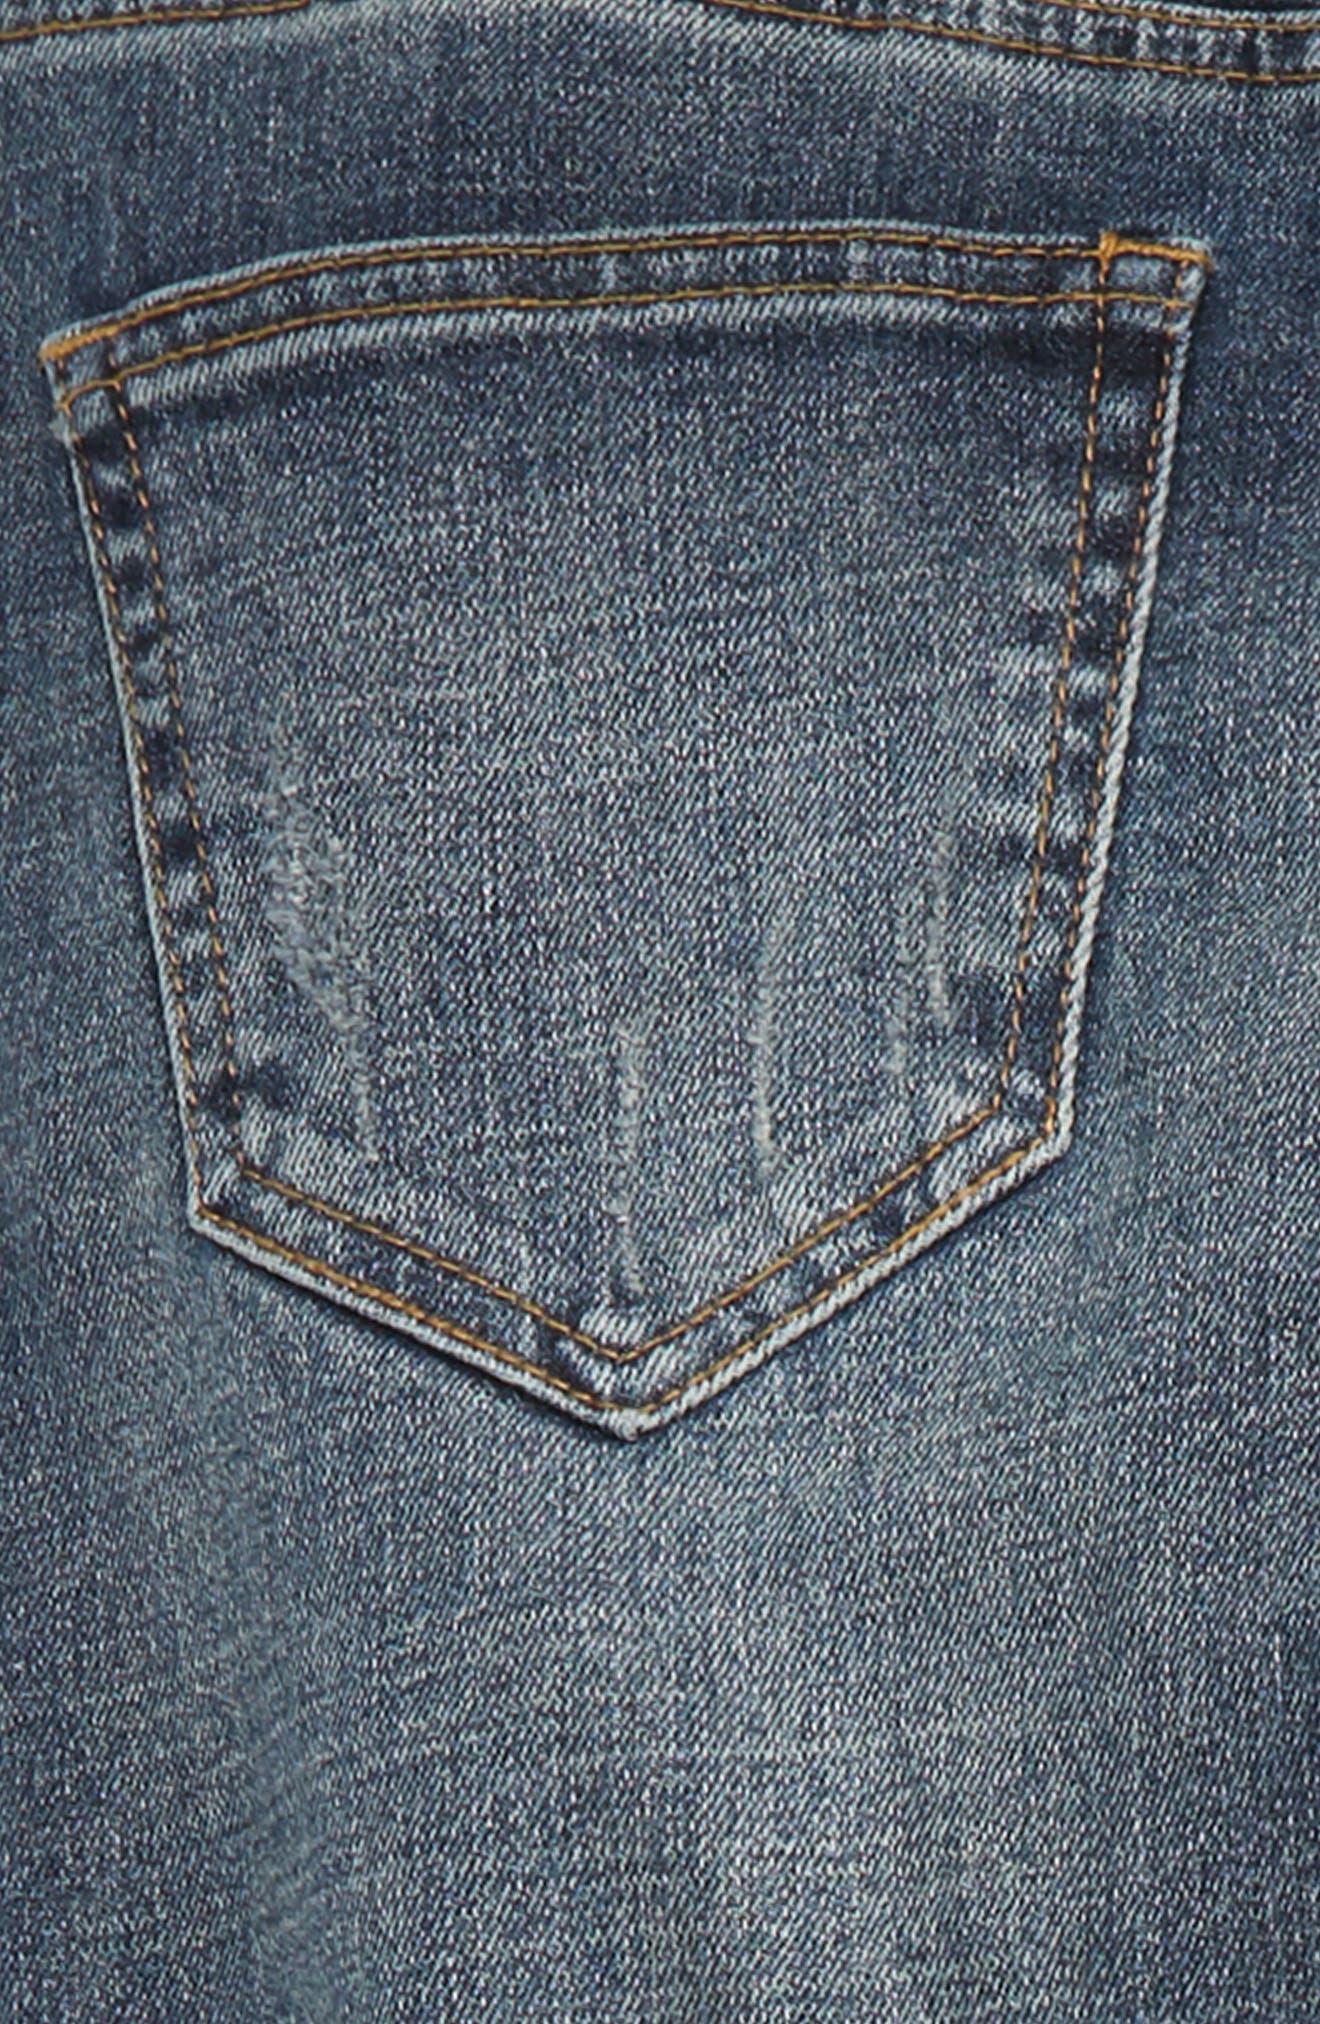 Slim Fit Jeans,                             Alternate thumbnail 3, color,                             401